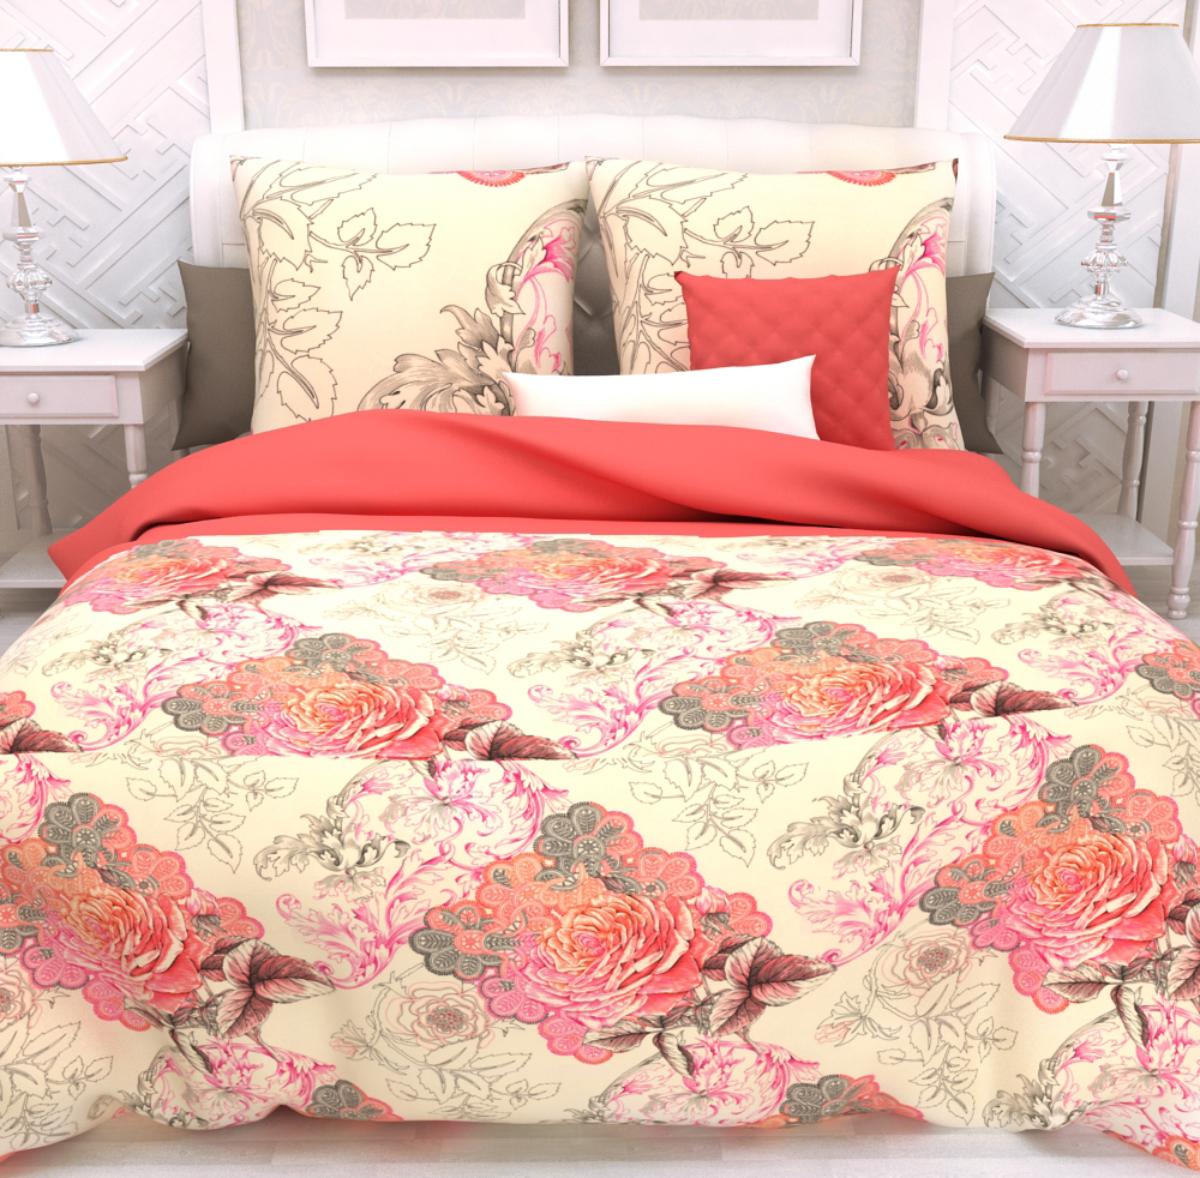 Комплект белья Унисон Рапсодия, евро, наволочки 50 х 70, цвет: розовый. 286306286306Постельное белье торговой марки «Унисон Биоматин» - это домашний текстиль премиум класса с эксклюзивными дизайнами в разнообразных стилистических решениях. Комплекты данной серии выполнены из ткани «биоматин» - это 100% хлопок высочайшего качества, мягкий, тонкий и легкий, но при этом прочный, долговечный и очень практичный, с повышенным показателем износостойкости, обладающий грязе- и пылеотталкивающими свойствами, долго сохраняющий чистоту и свежесть постельного белья, гипоаллергенный.